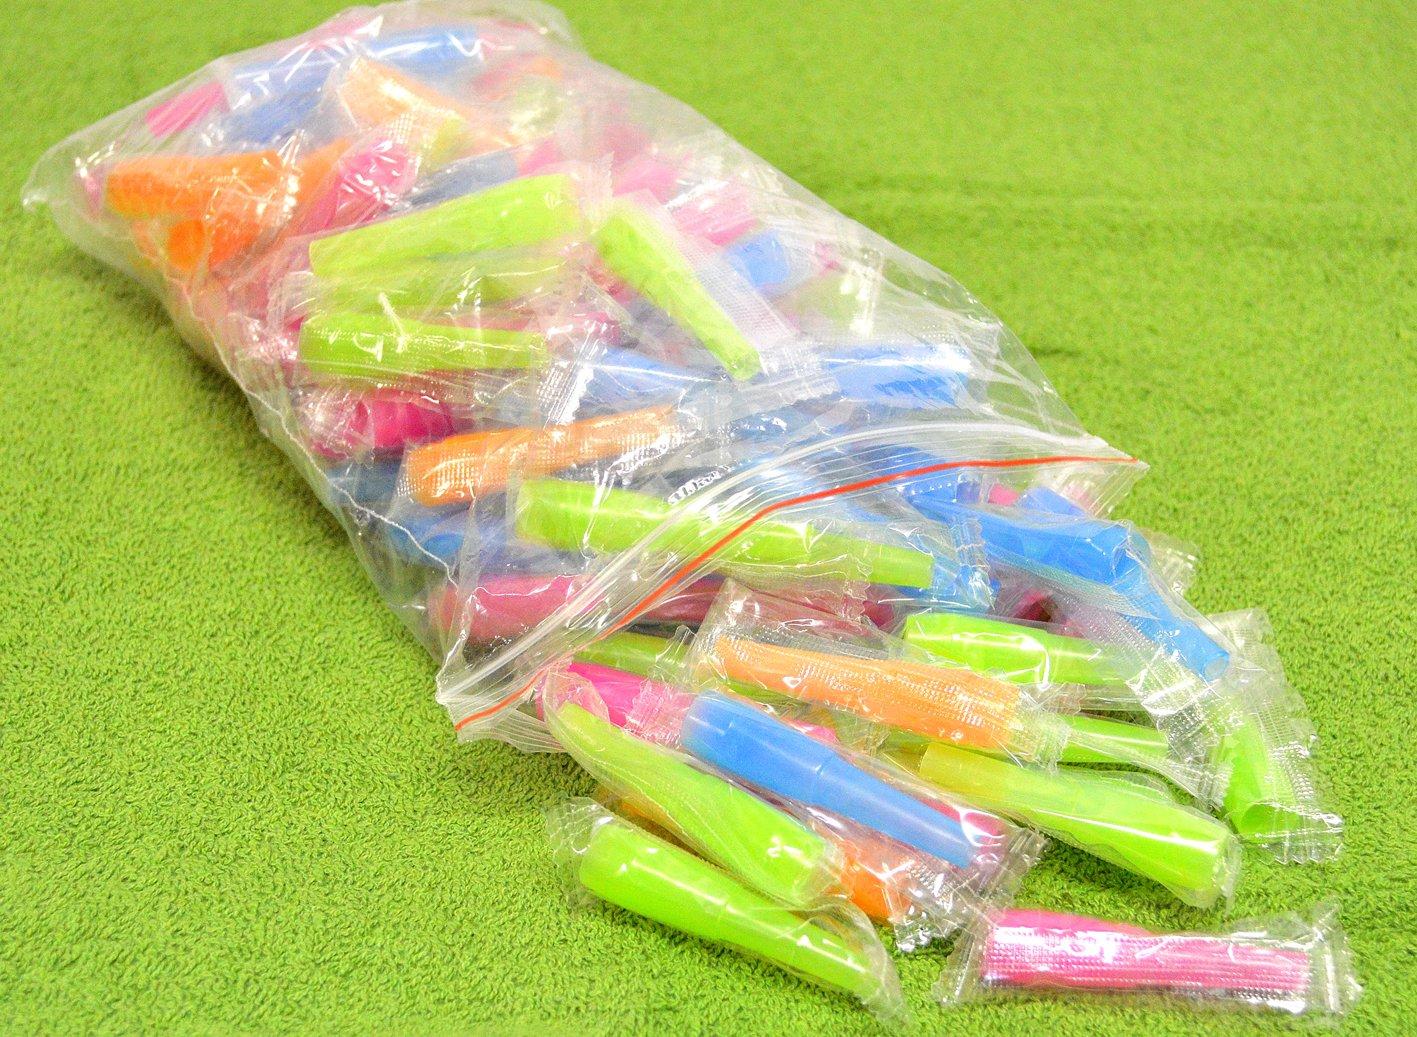 50 Bocchini, boccagli, pippotti per Narghilè in plastica pesante ottima qualità